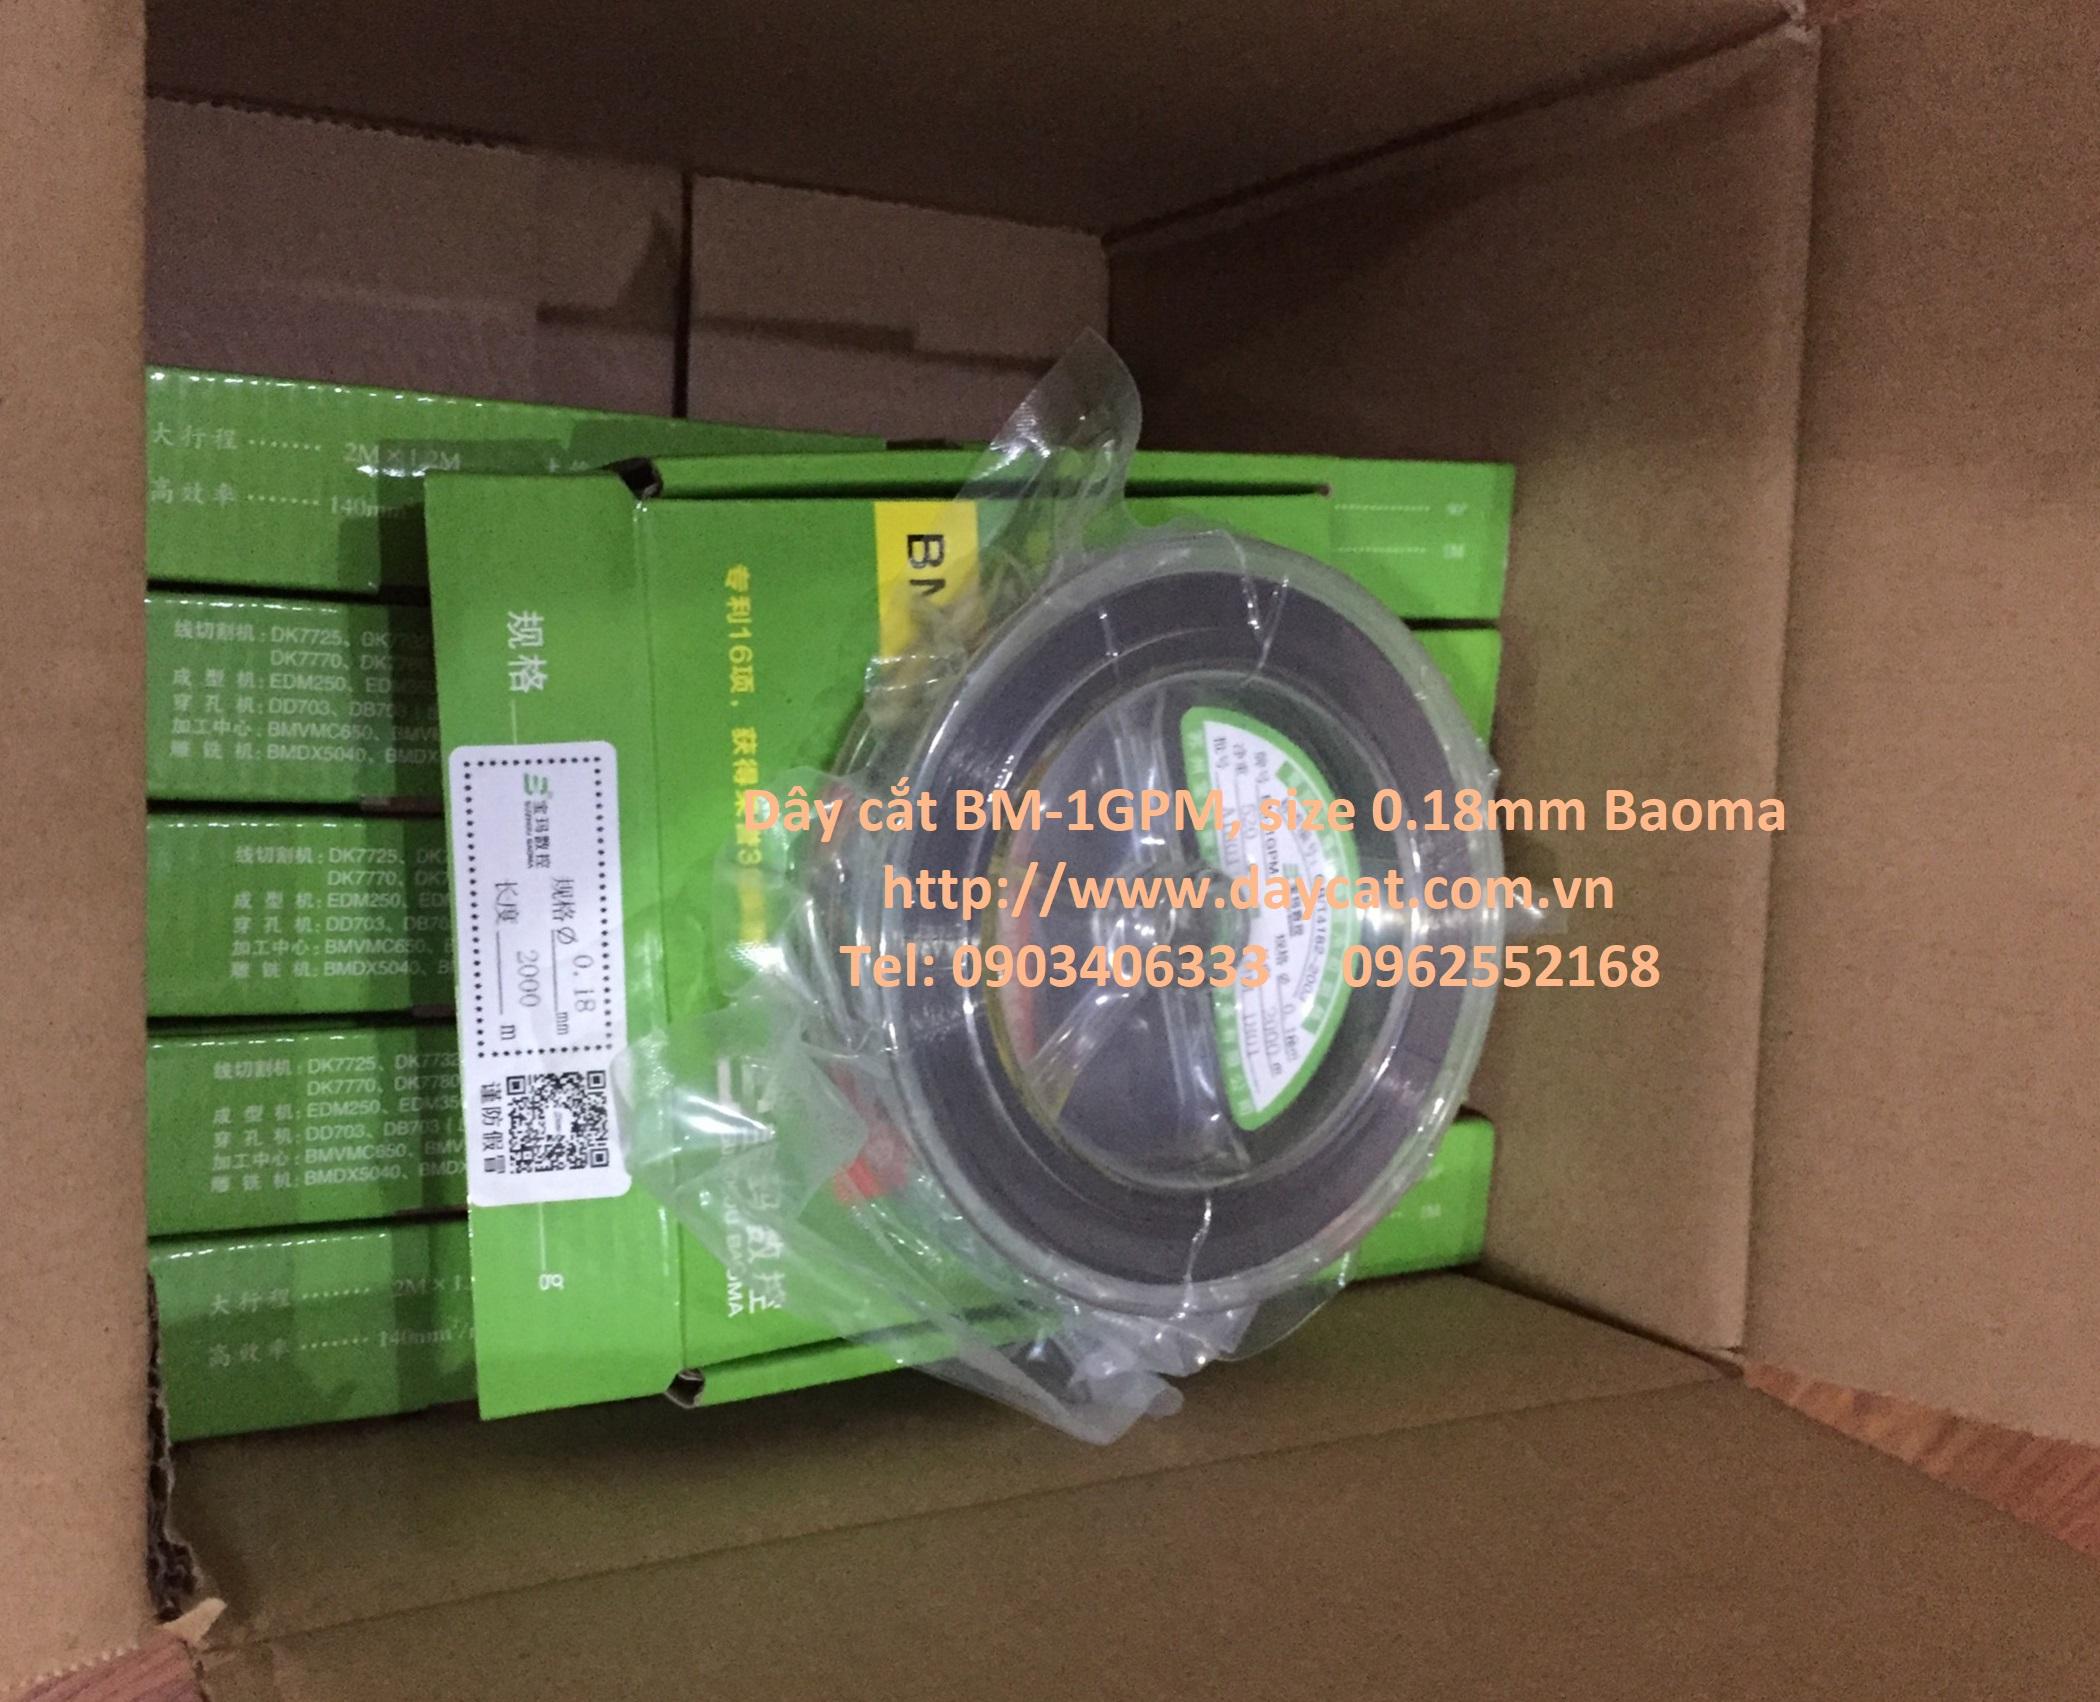 Dây cắt Baoma 0.18mm_4